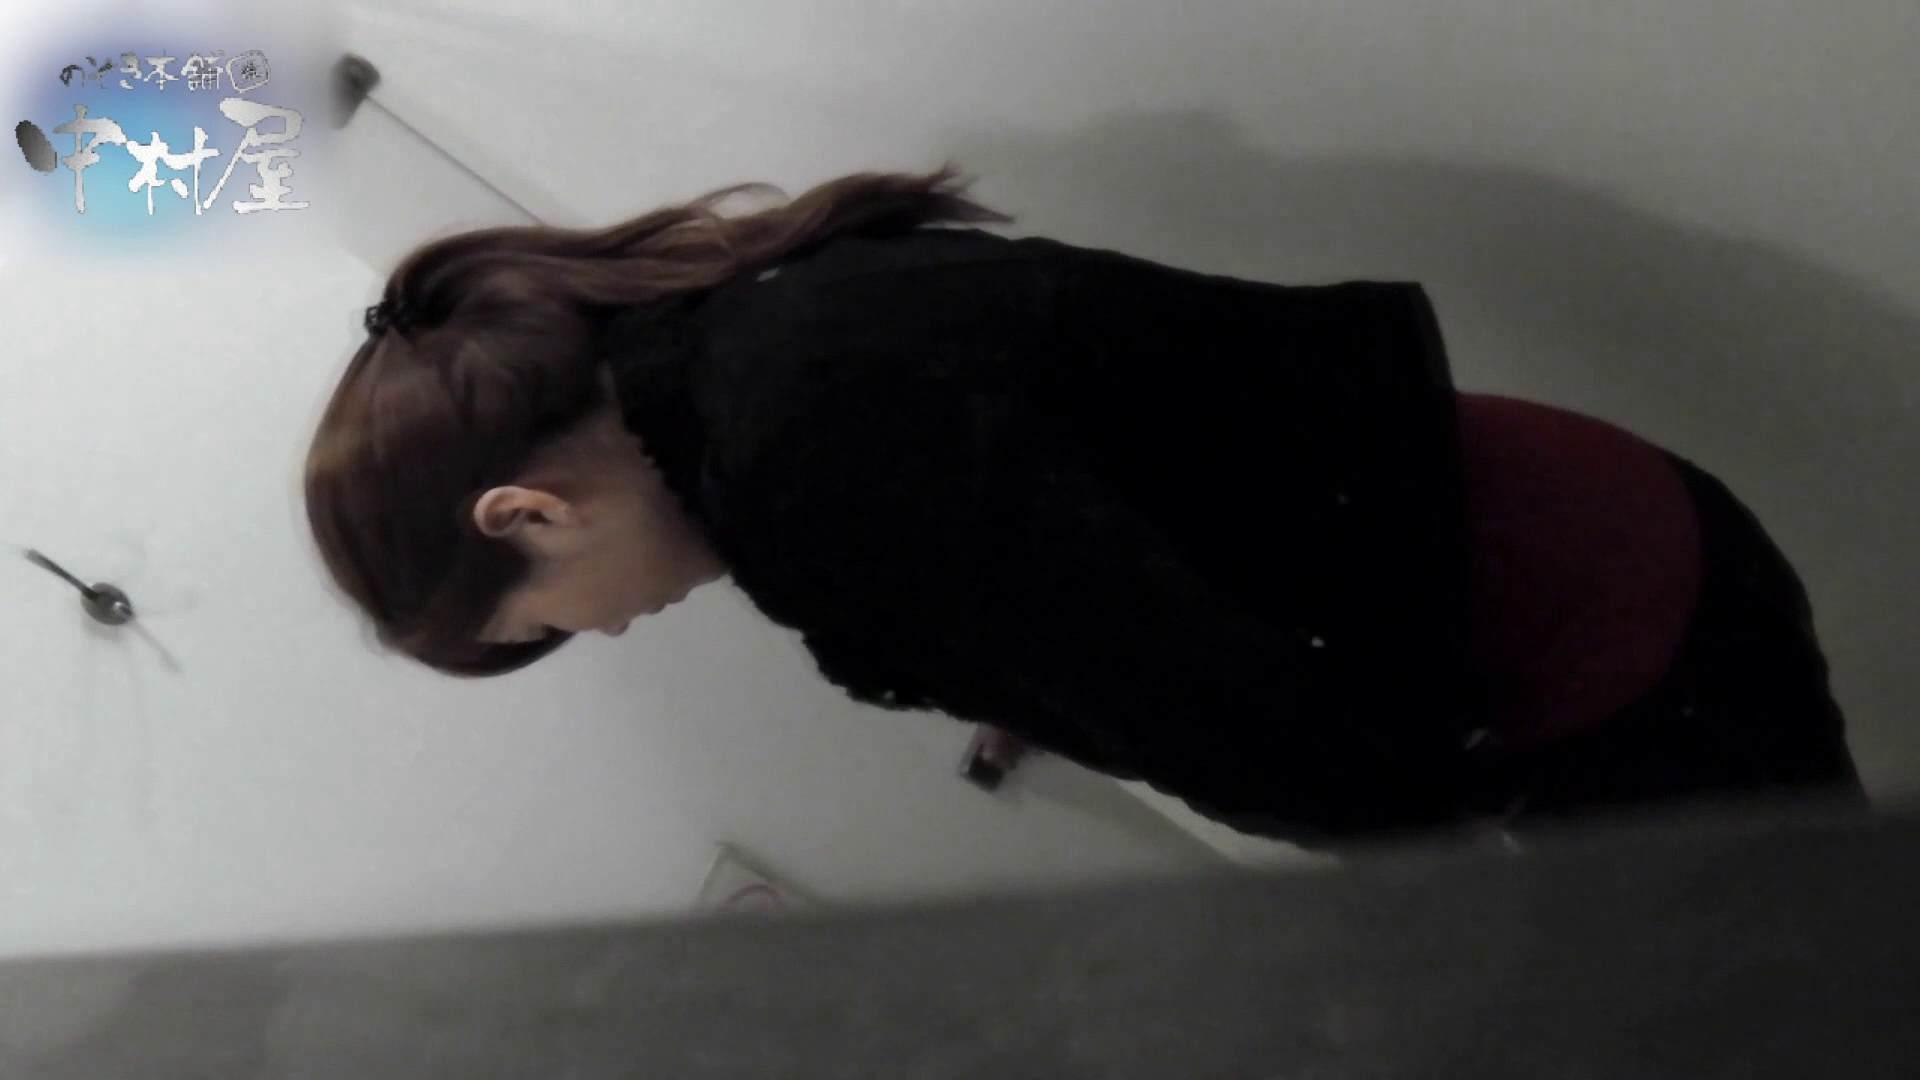 乙女集まる!ショッピングモール潜入撮vol.12 乙女 盗撮動画紹介 89枚 70